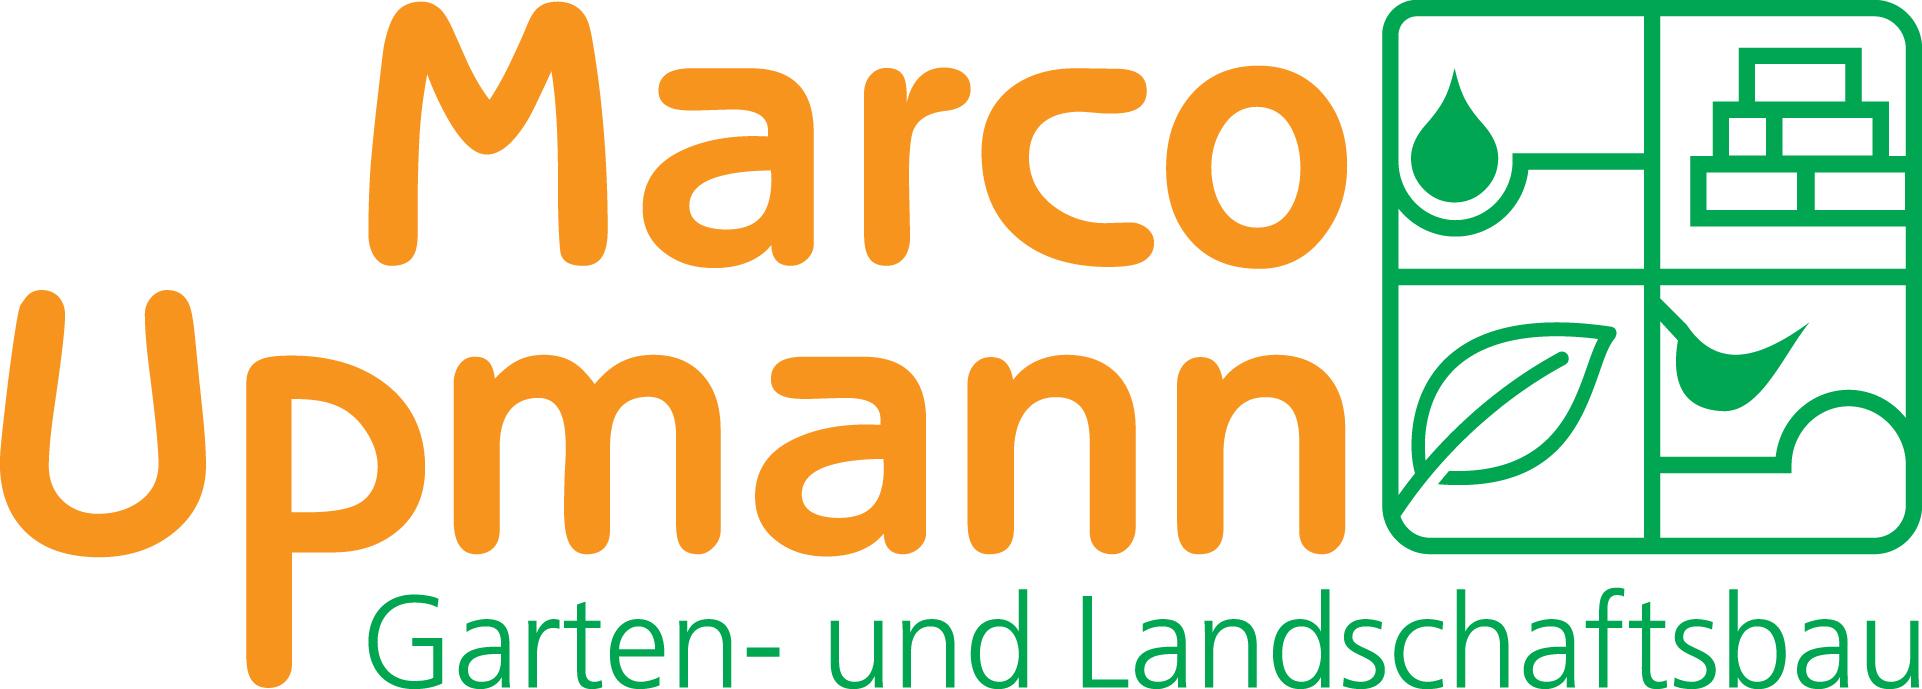 Marco Upmann Garten- und Landschaftsbau